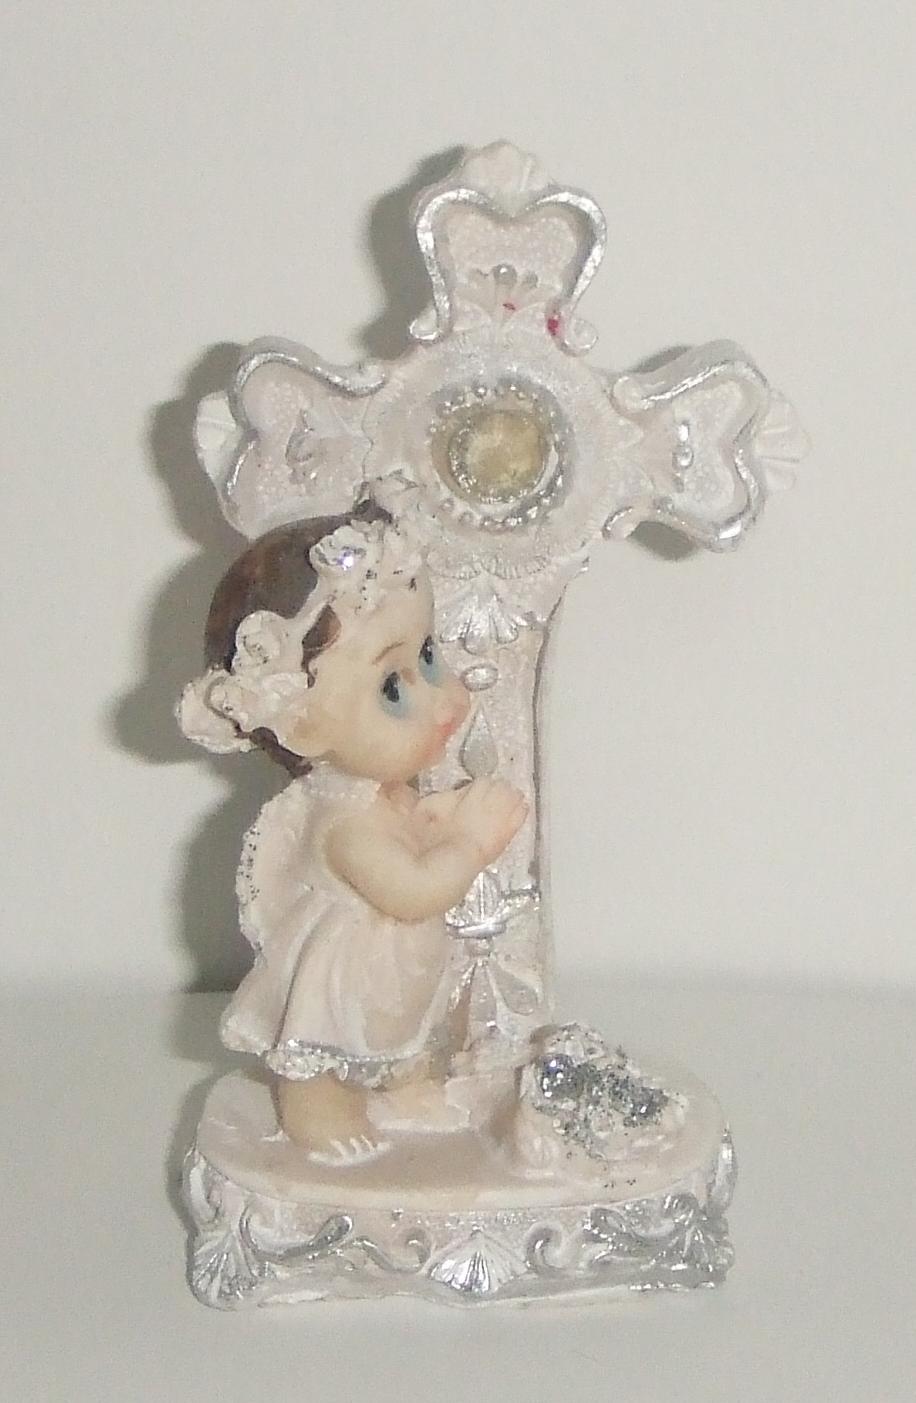 detalles todo party  baptism favor figurines    recuerdos